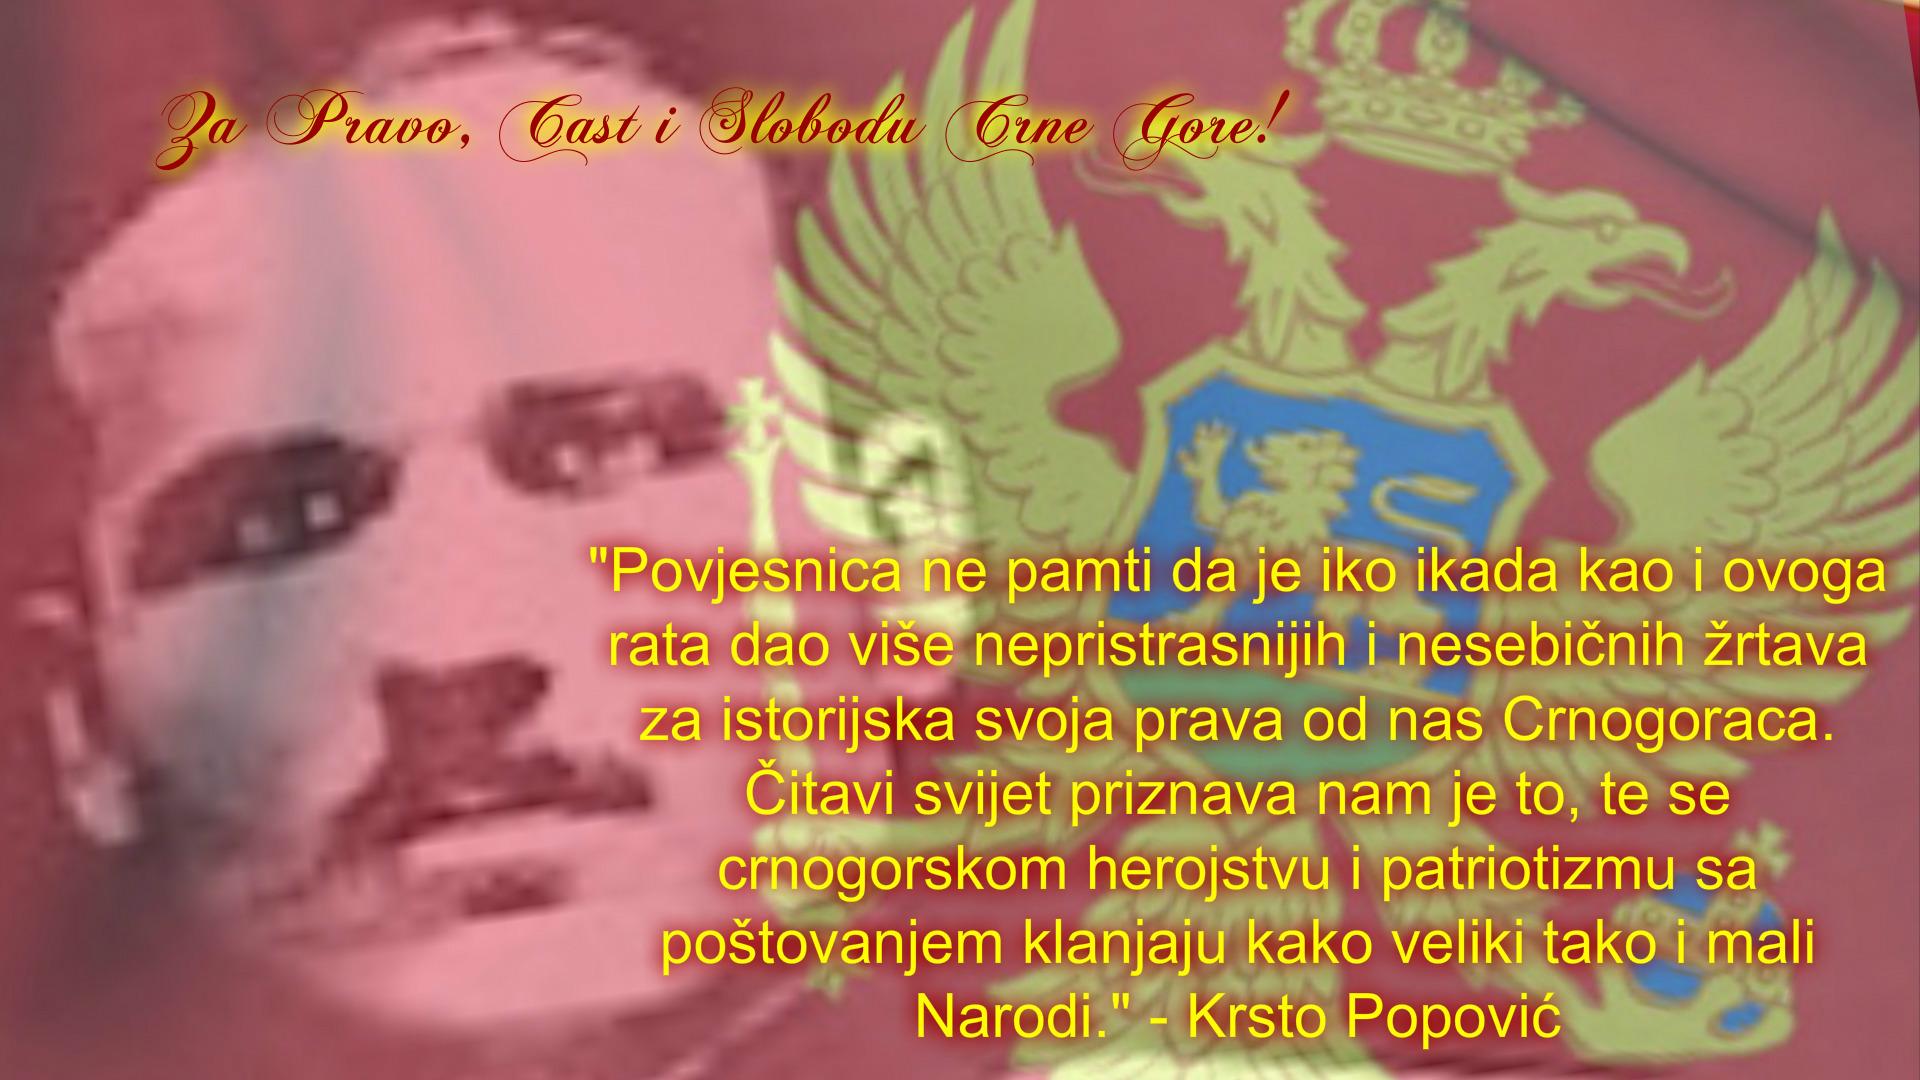 Naredba Krsta Popovića iz 1919: Vi ste svojom krvlju postavili kamen temeljac budućoj Crnoj Gori